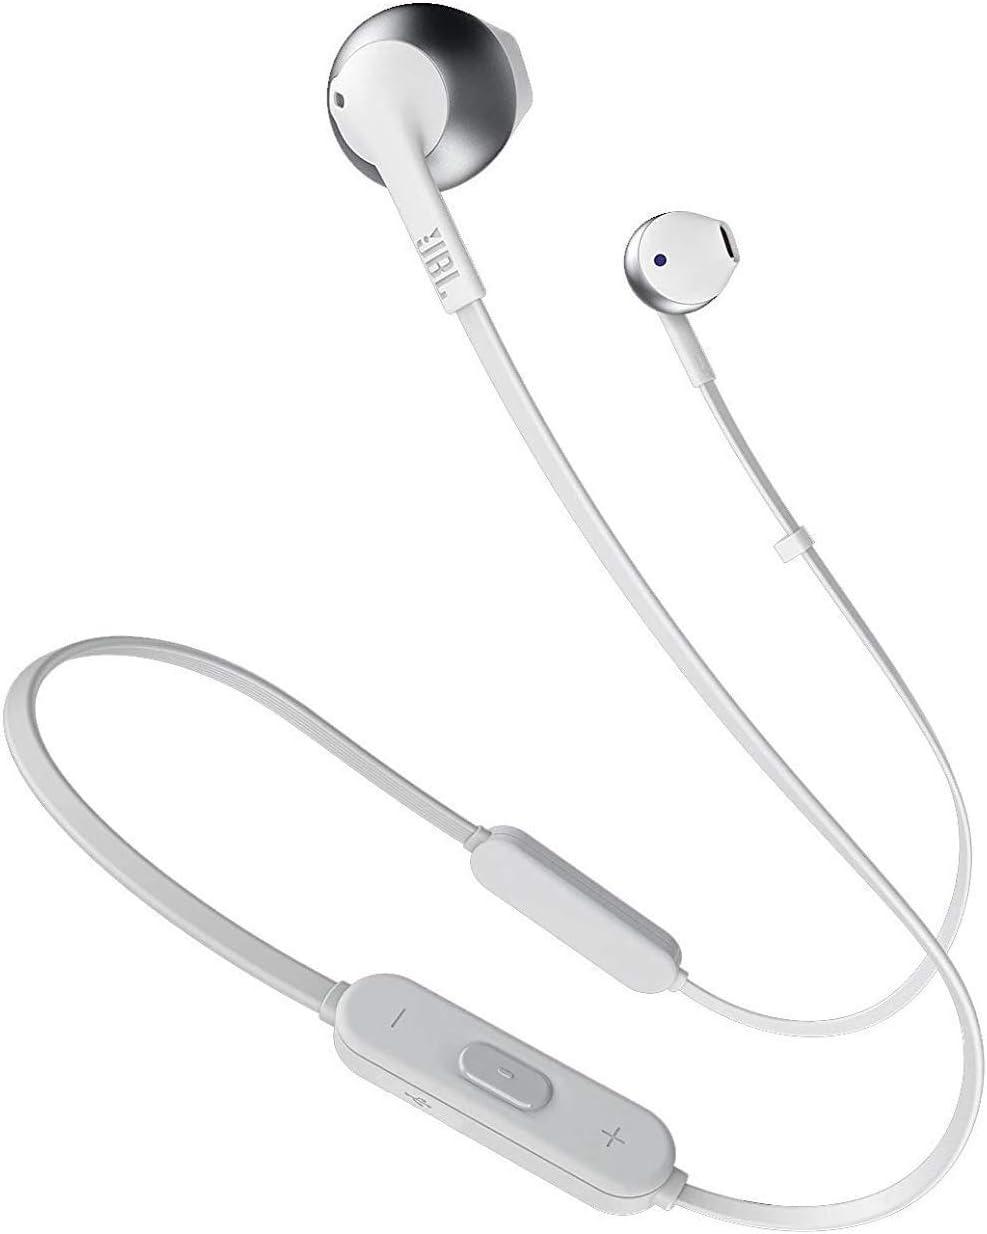 JBL Tune 205BT - Auriculares Inalámbricos intraurales con micrófono y mando a distancia con 3 botones, función de manos libres y diseño ergonómico con cable sin enredos, plata